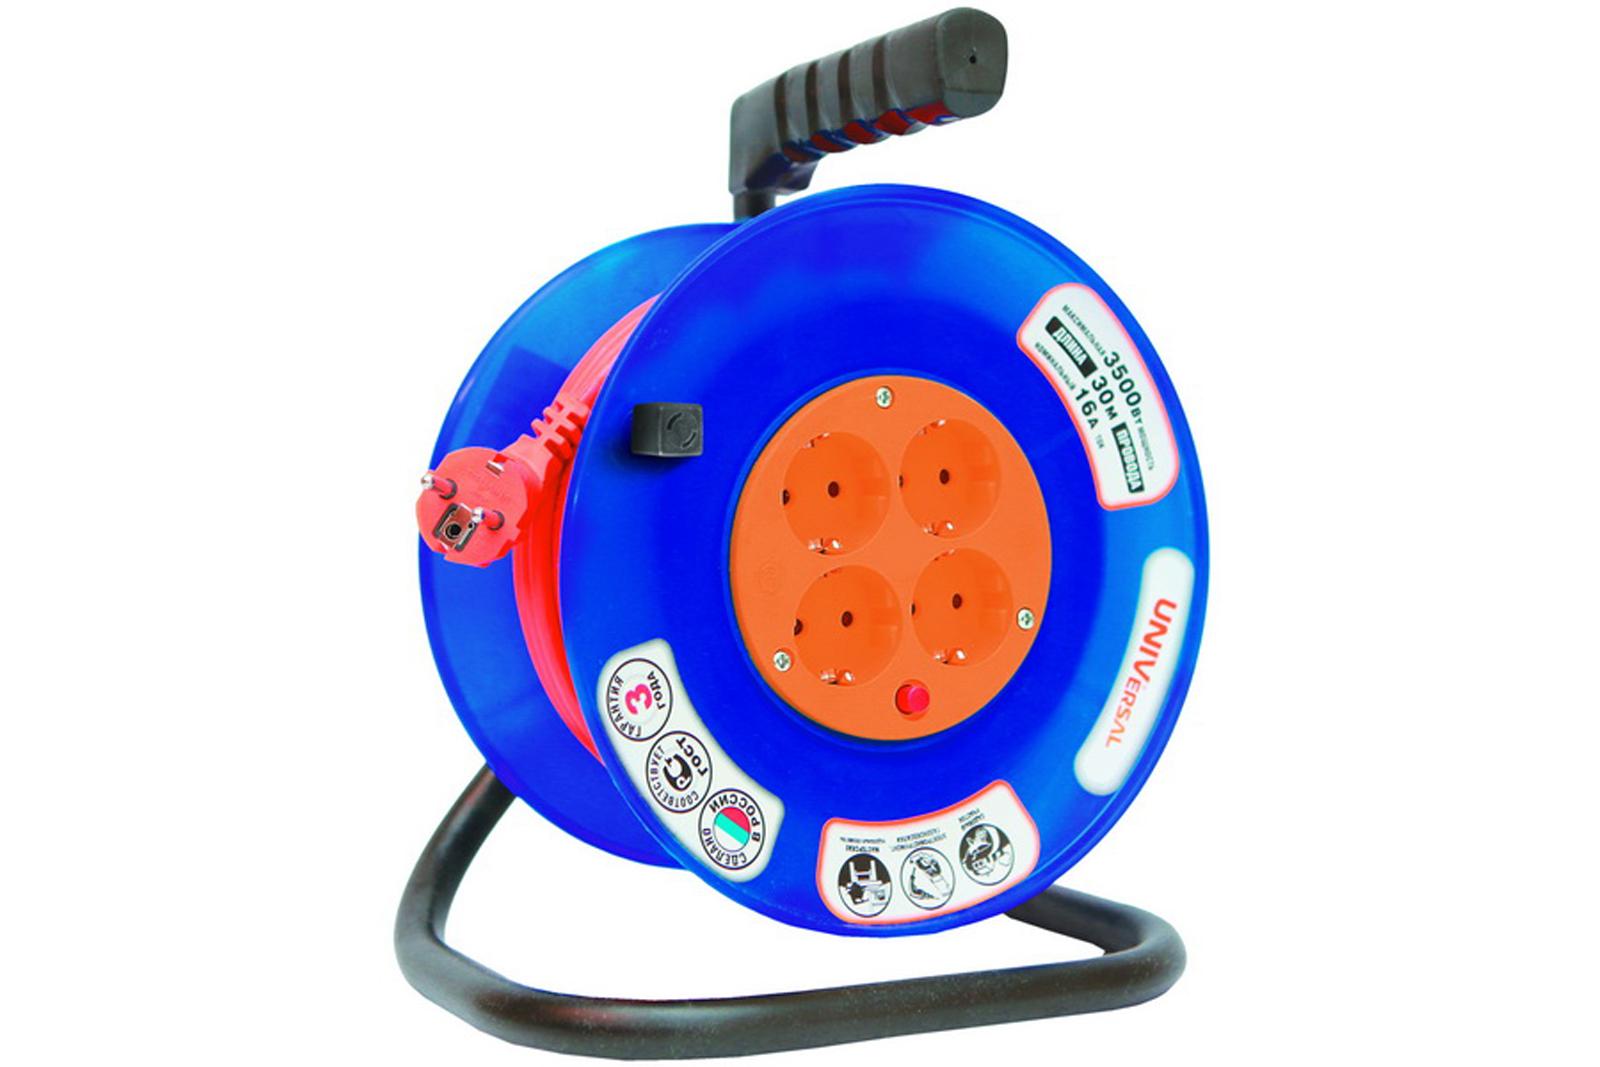 Удлинитель Universal ВЕМ-250 термо ПВС 3*0,75 4гнезда 50м силовой удлинитель universal вем 250 термо пвс 3 1 5 30м 9634157